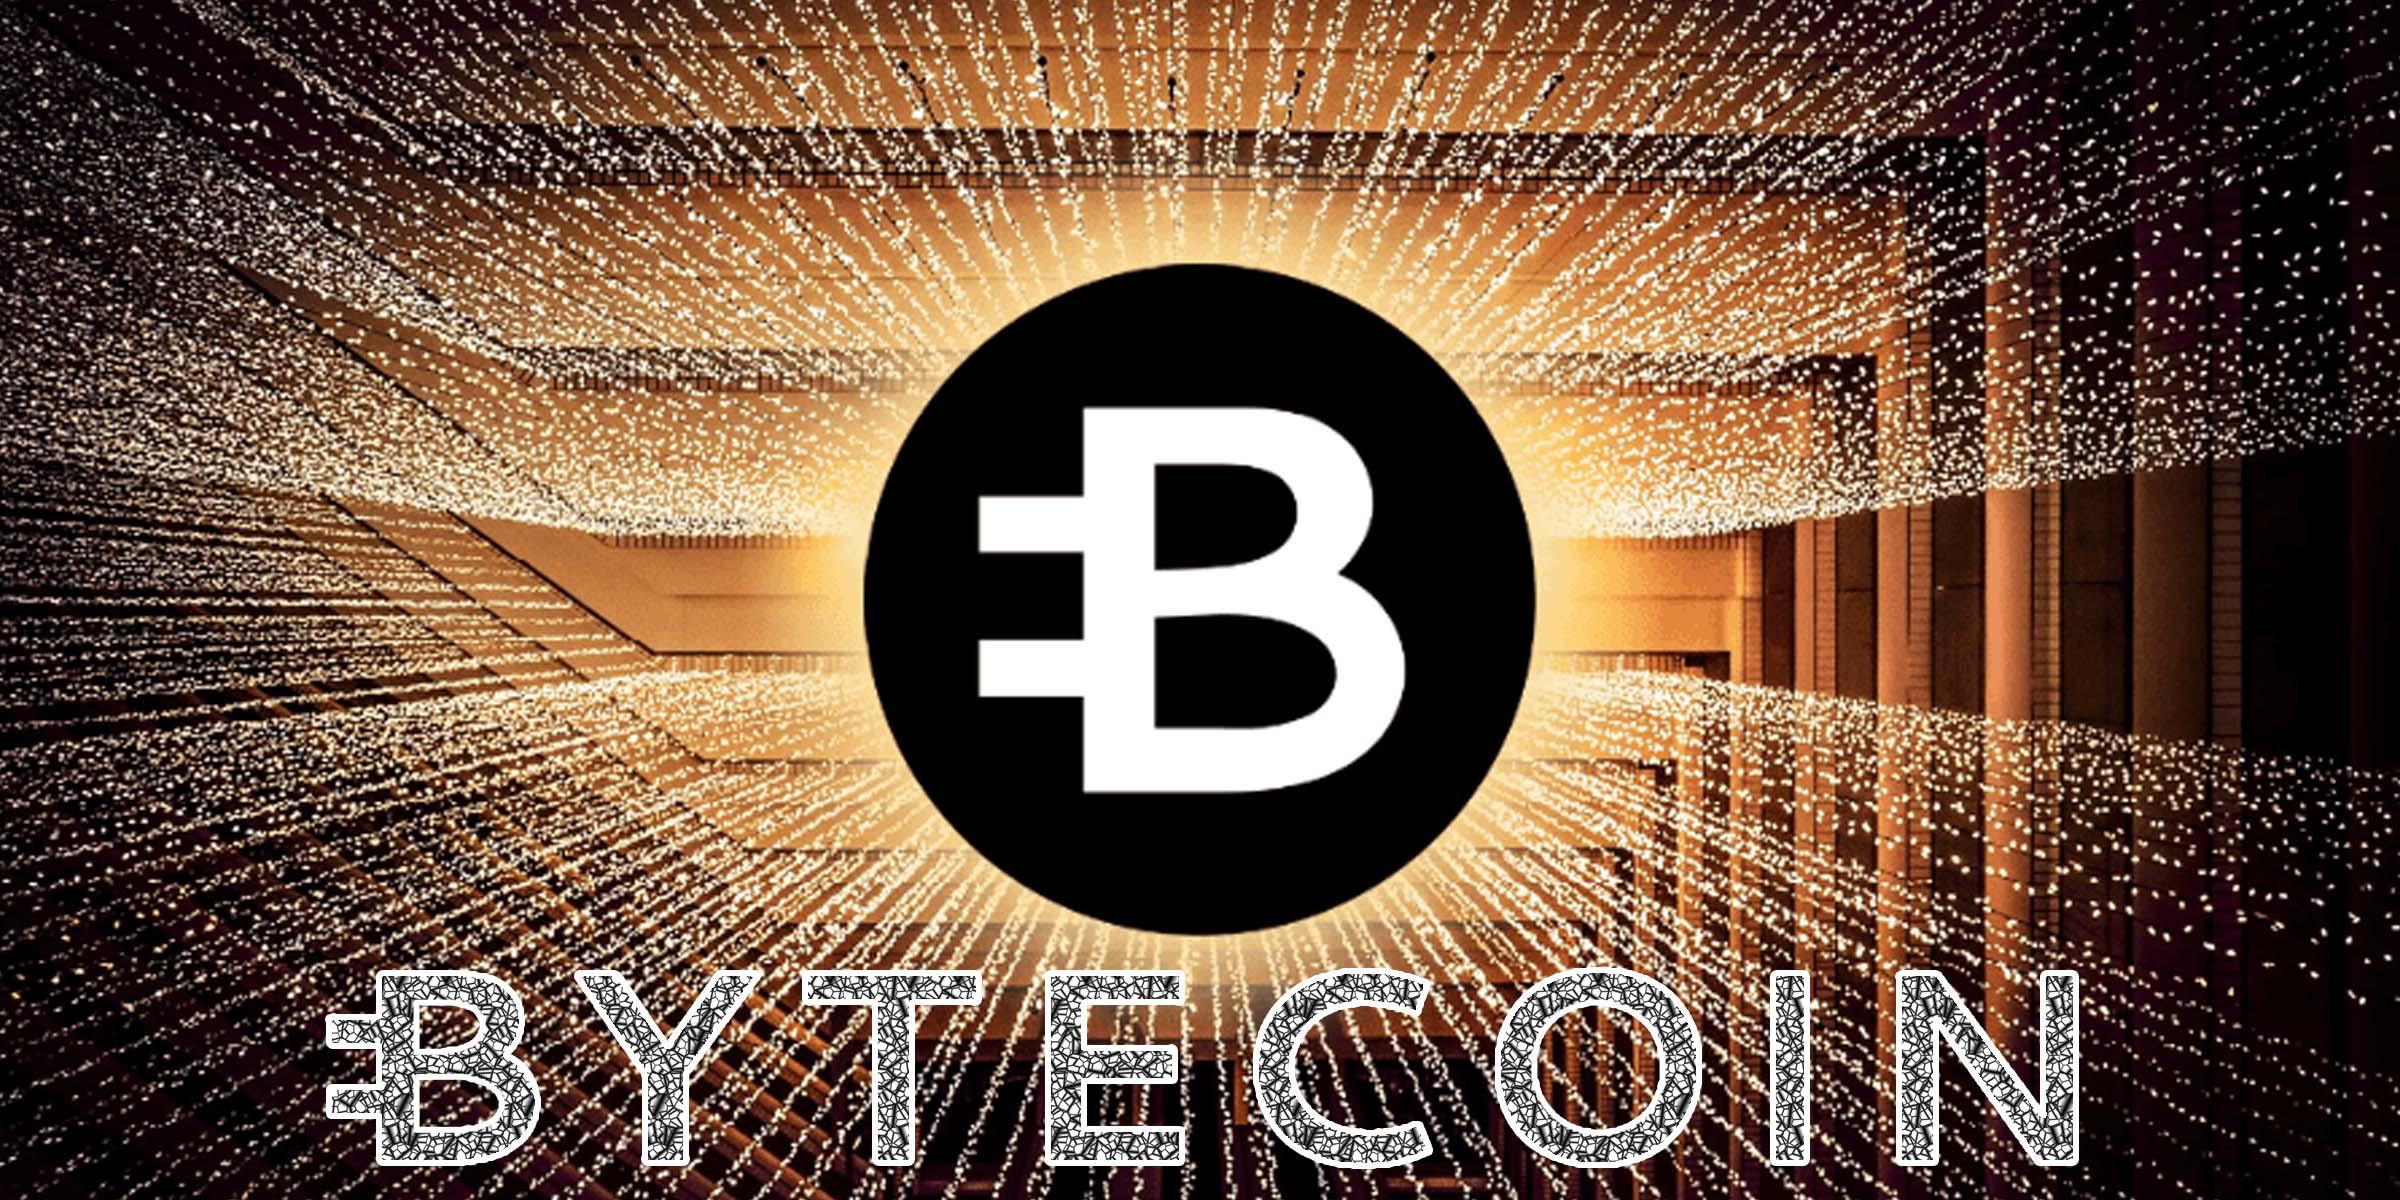 Криптовалюта bcn прогнозы пример бинарного опциона видео